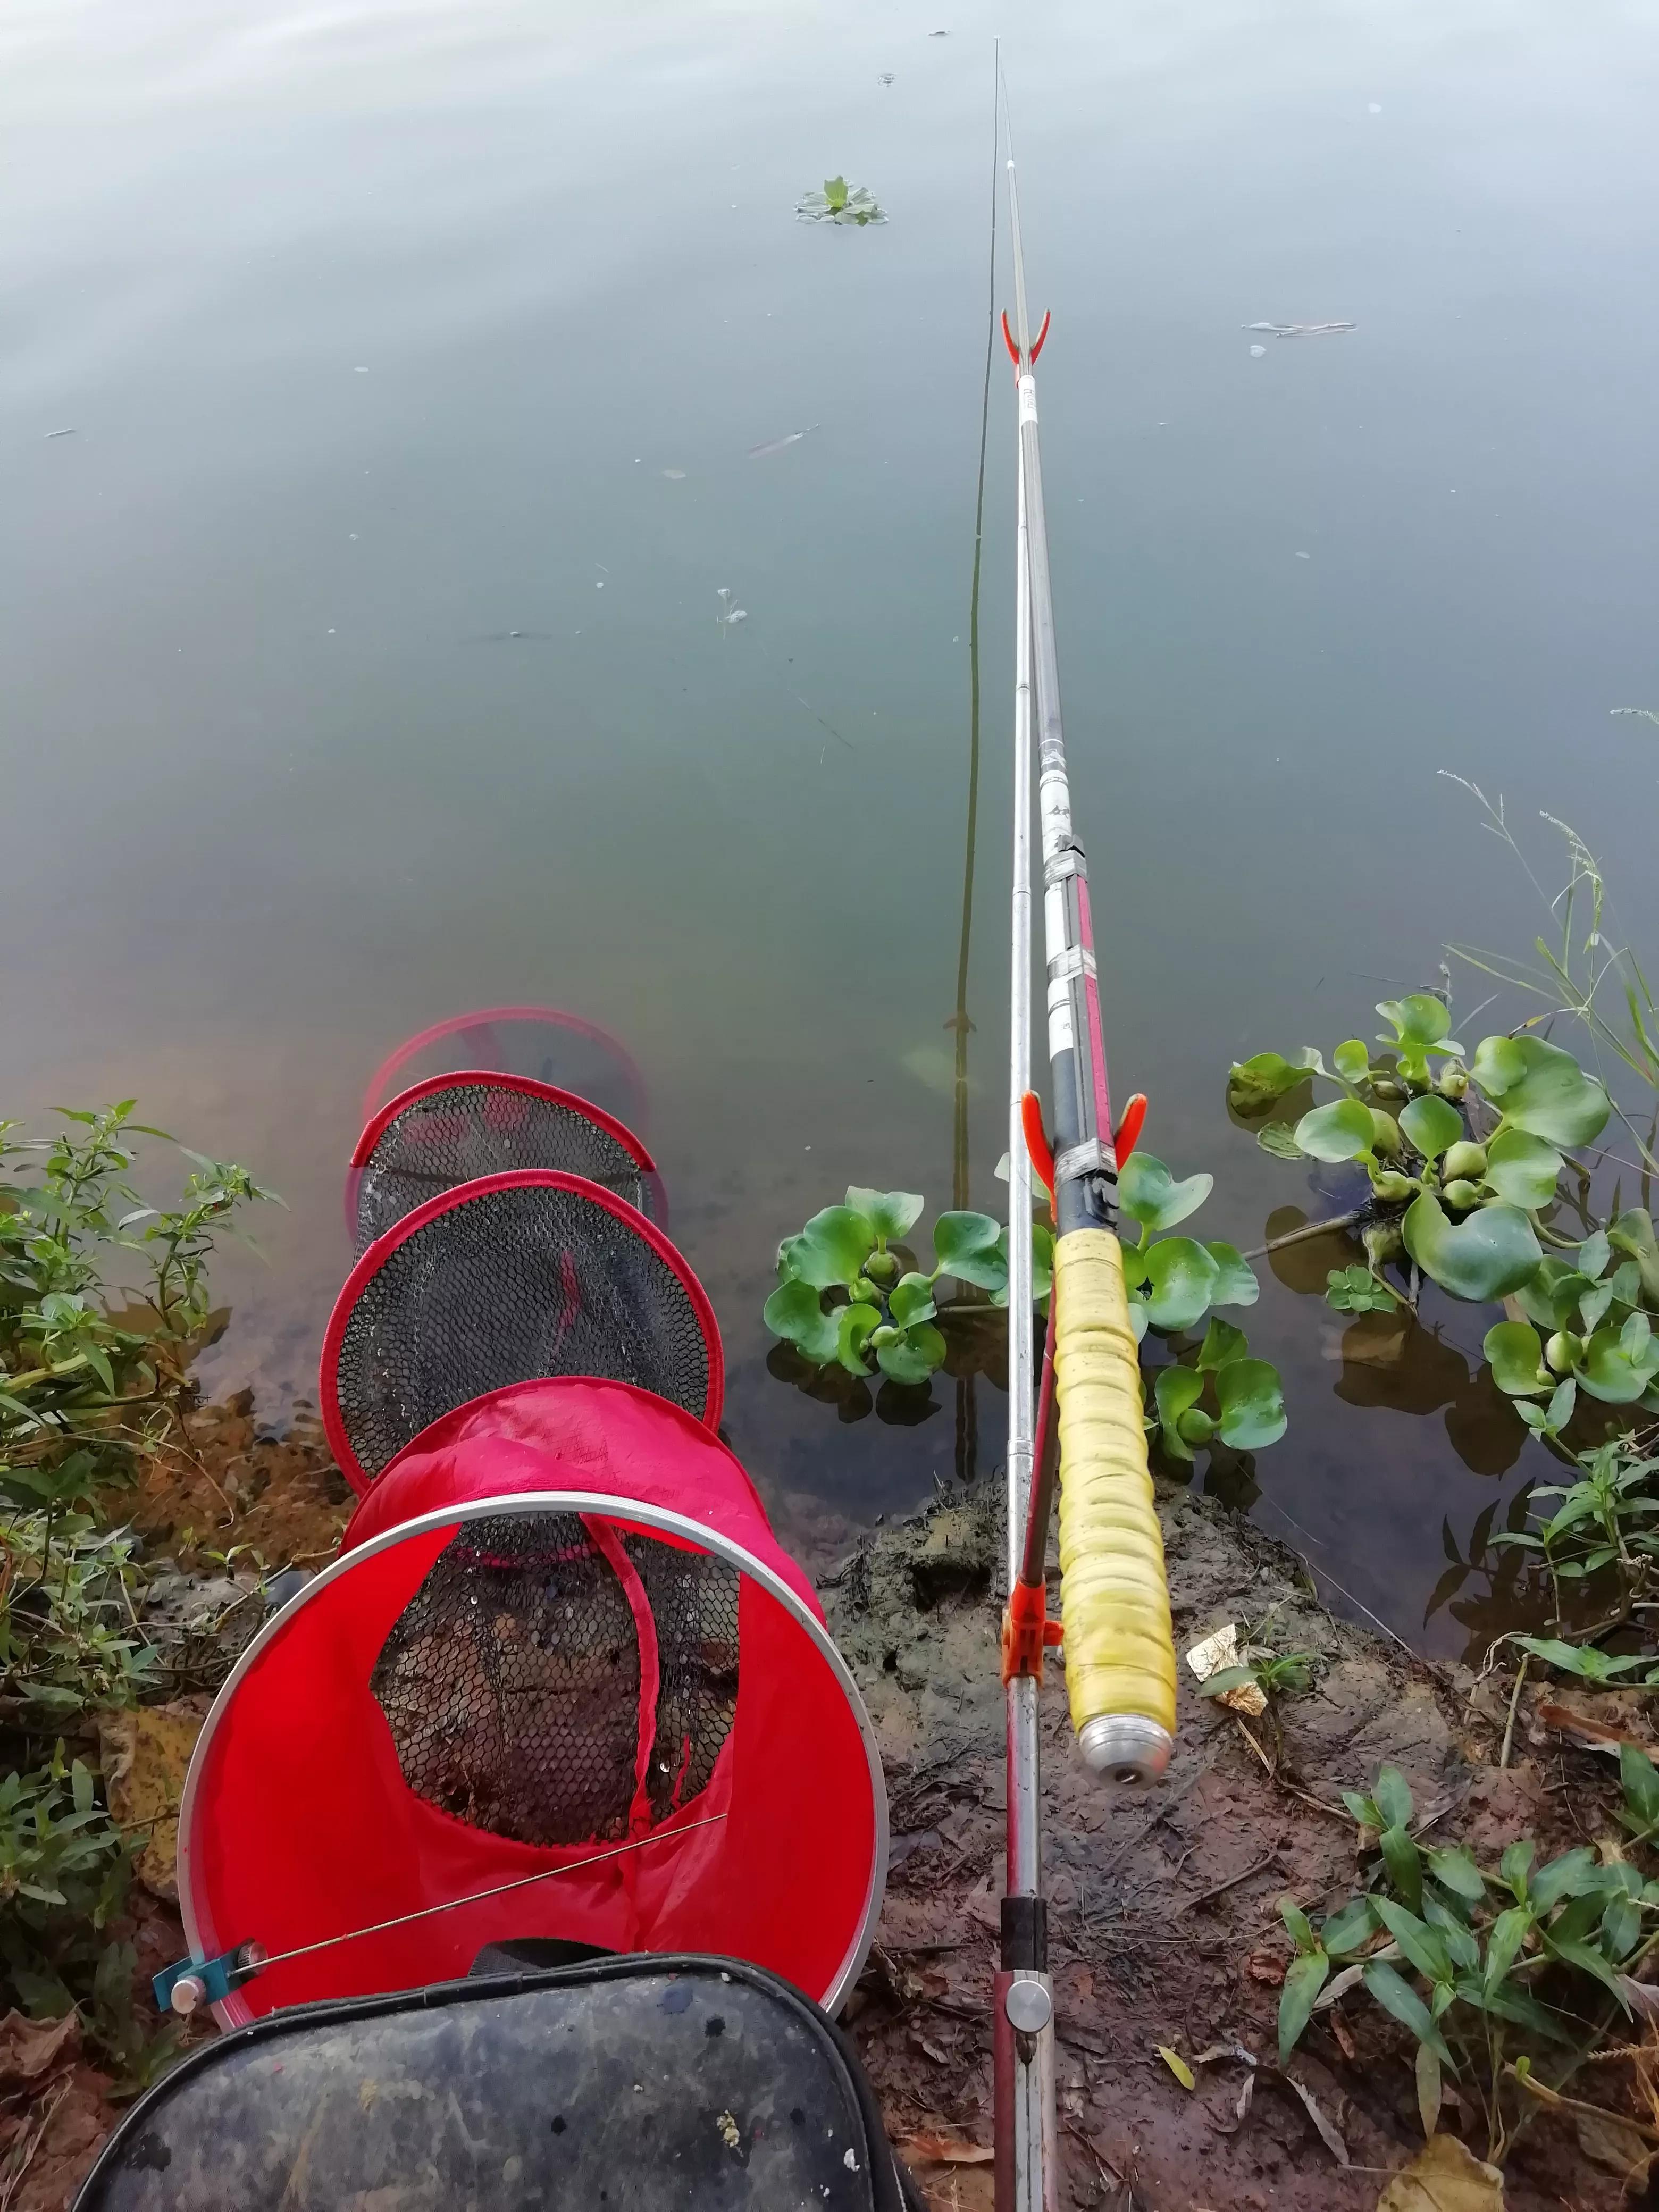 我的这些钓鱼经验,能帮助你鱼获提高